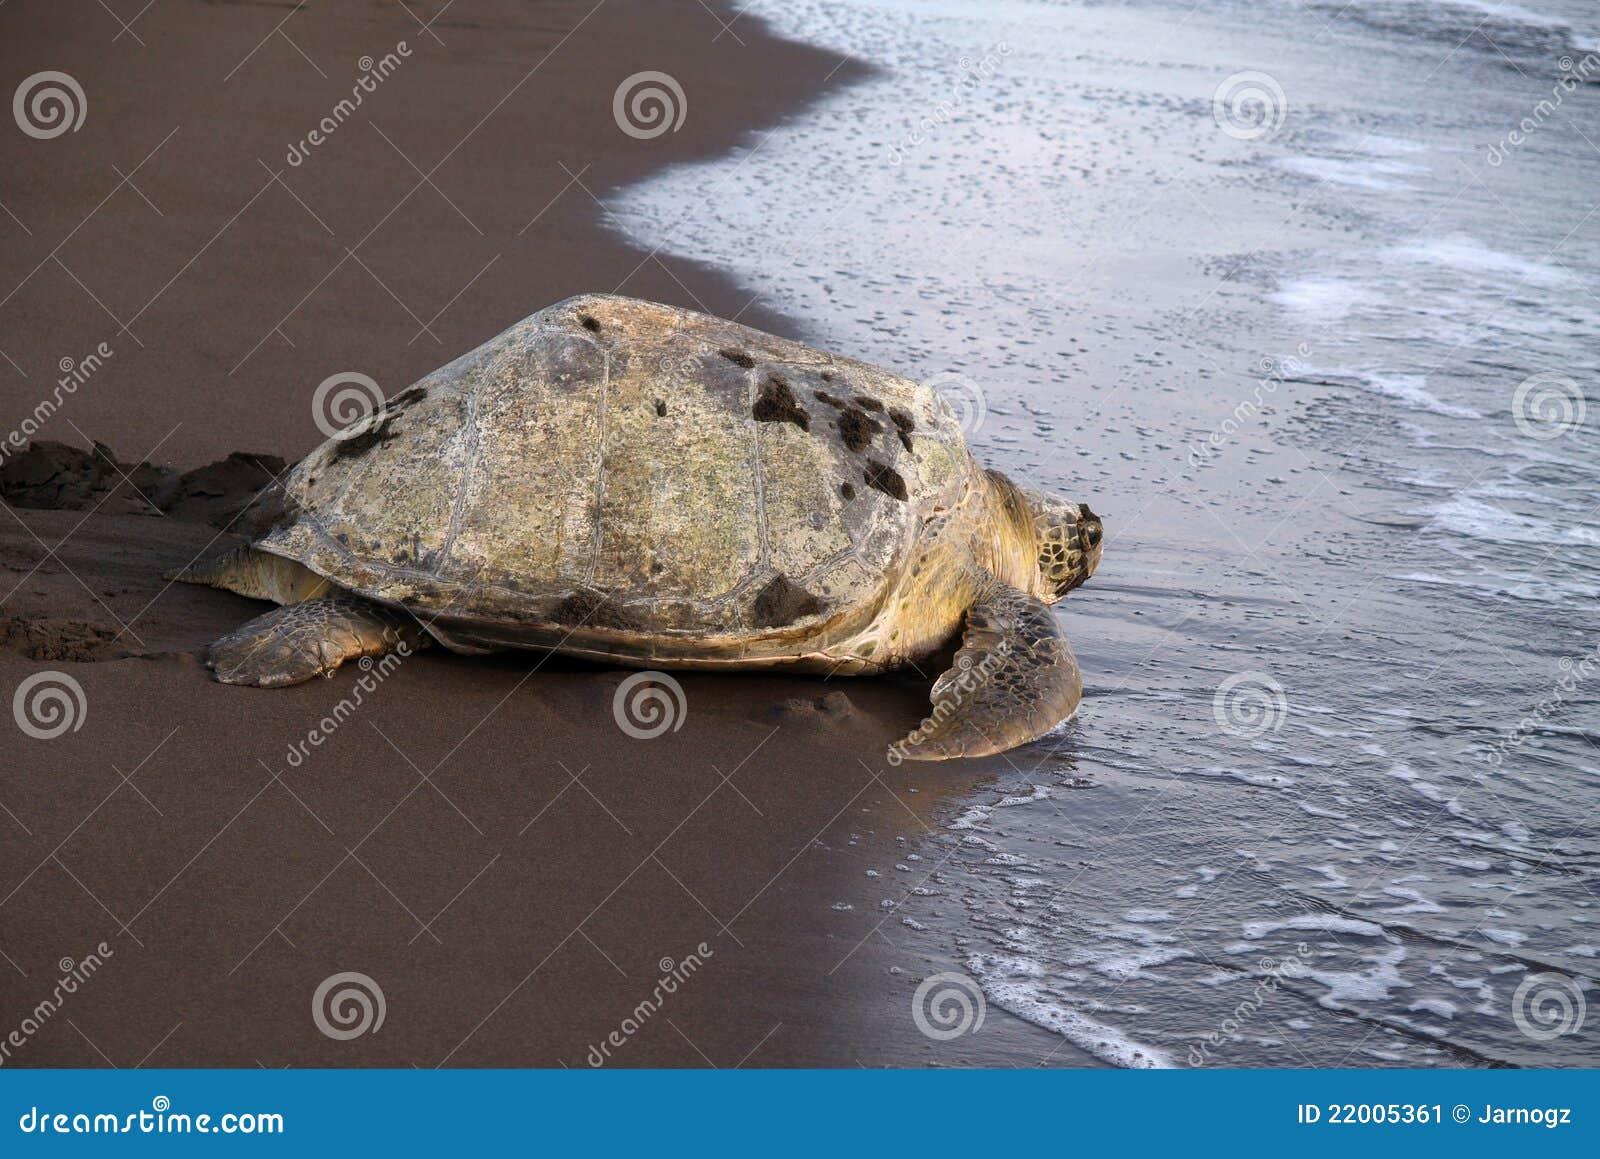 肋前缘国家公园rica海运tortuguero乌龟